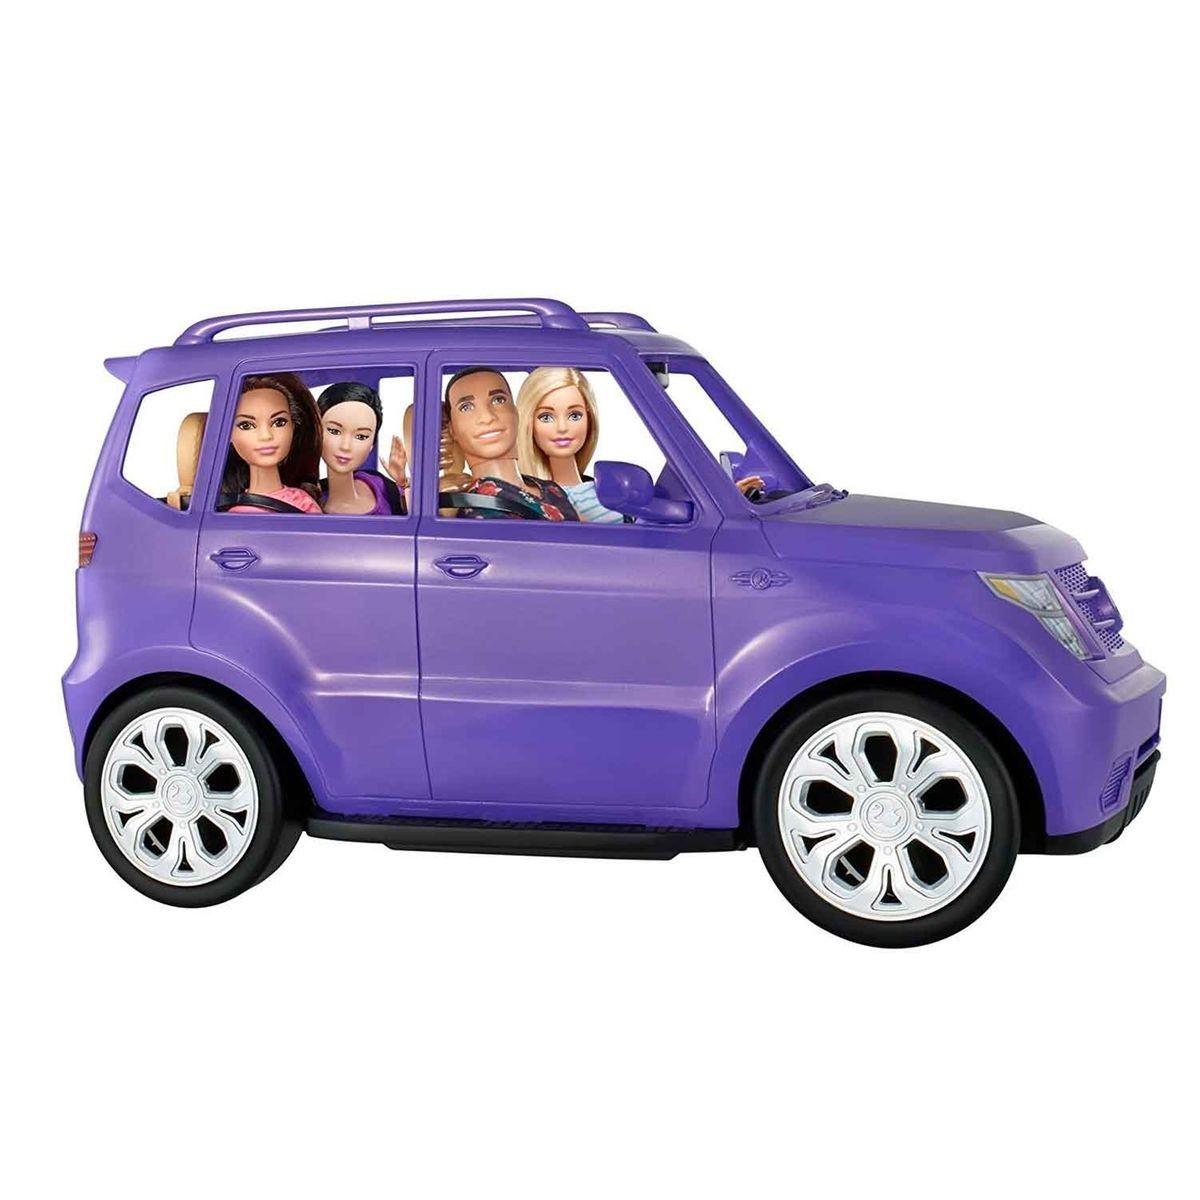 outlet boutique competitive price factory price Barbie 4x4 Mauve - Matdvx58 - Taille : Taille Unique | Van ...